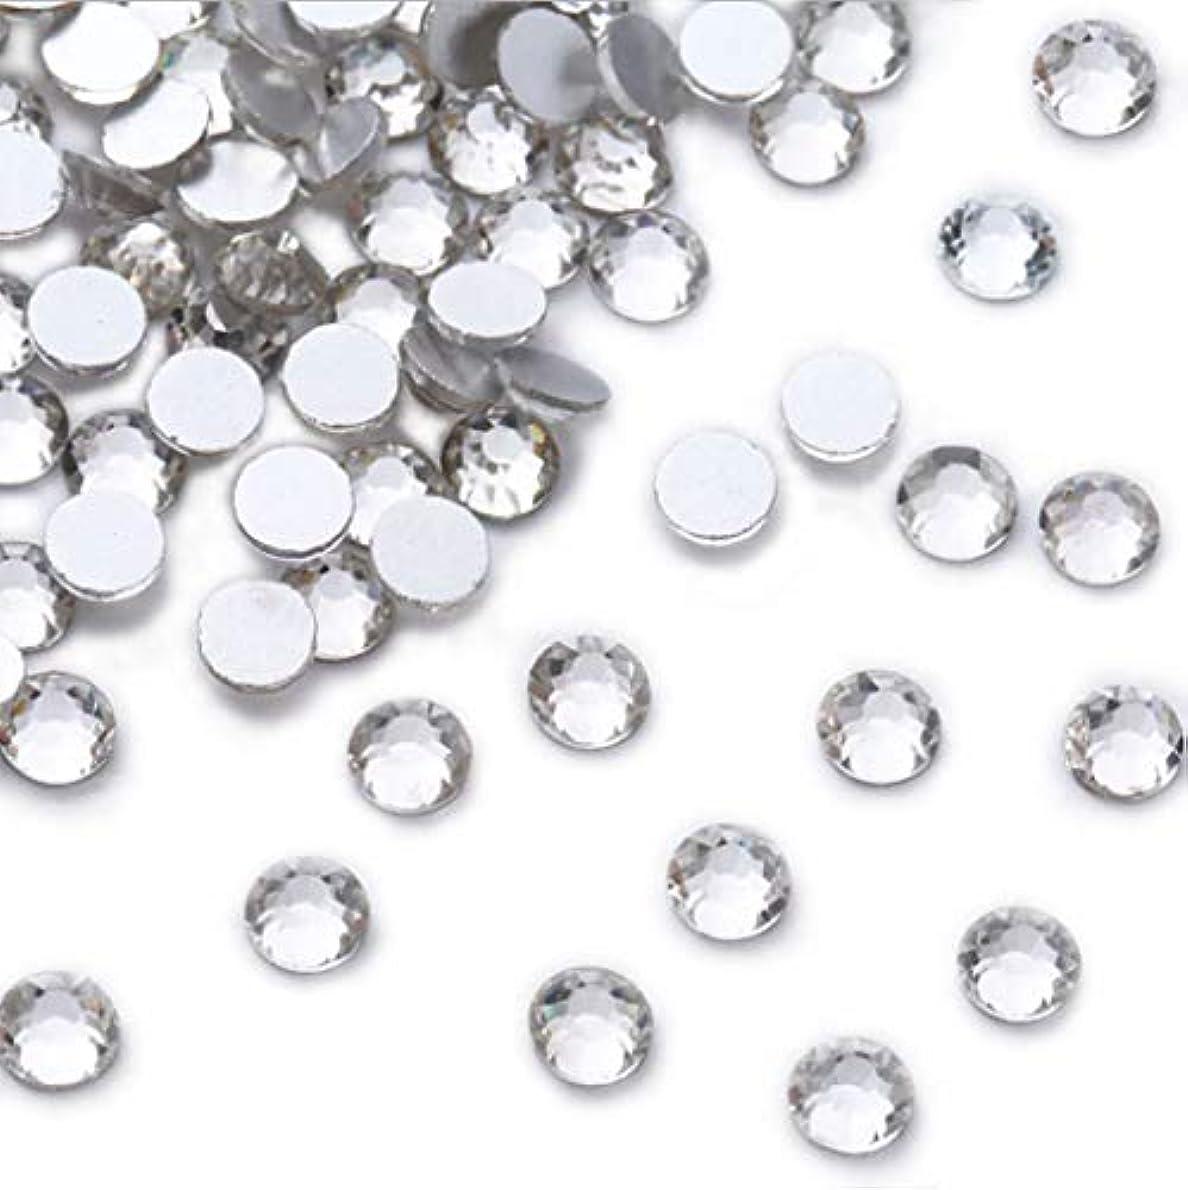 まぶしさ毎週栄光XIULIラインストーン DIY ネイルを飾てと服装使用 高い採光 ホワイト ss3-30 (1.6mm ss4(1440粒), サイズ)